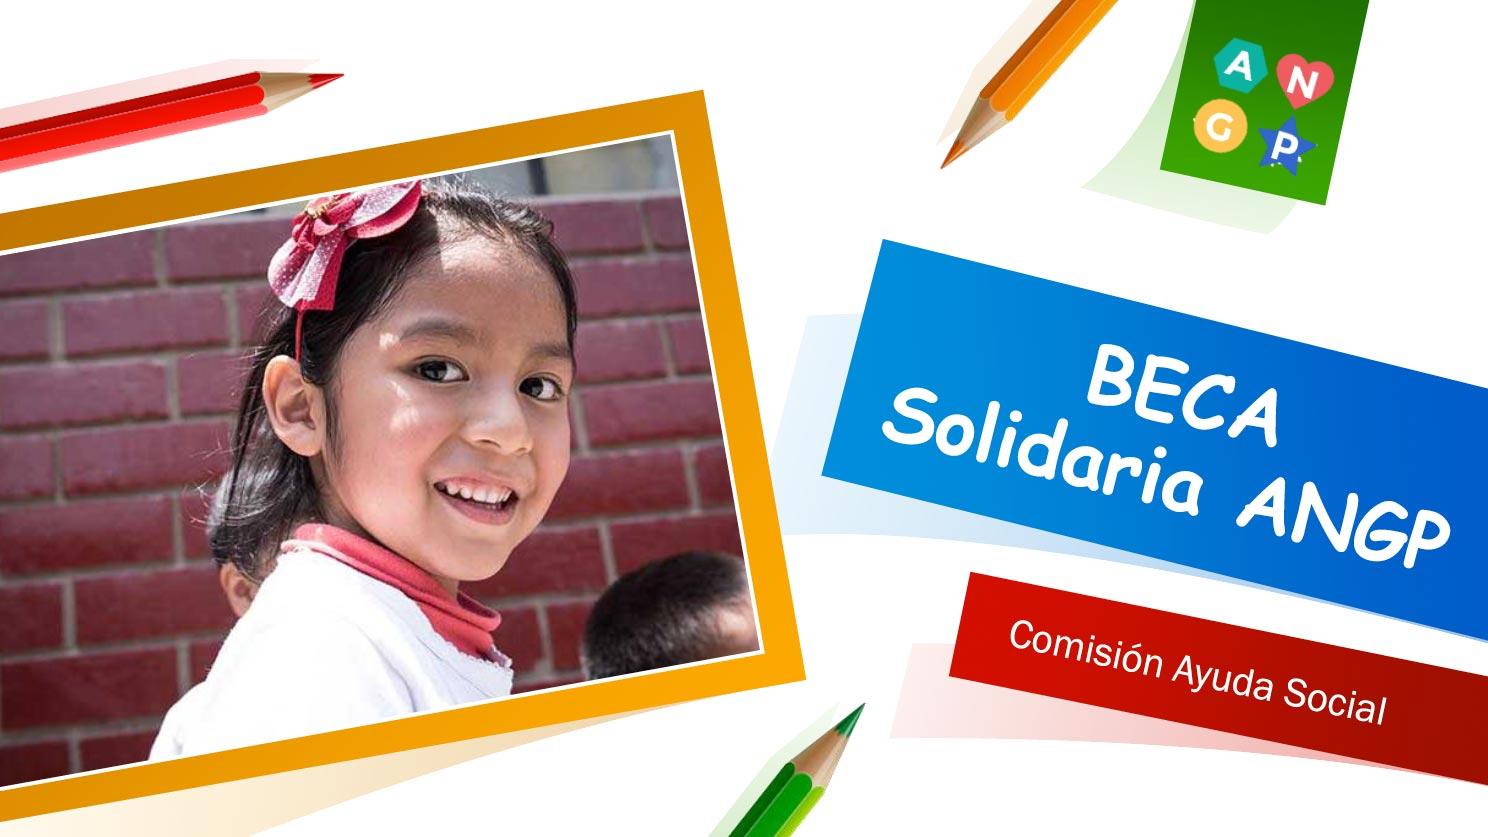 Beca-Solidaria